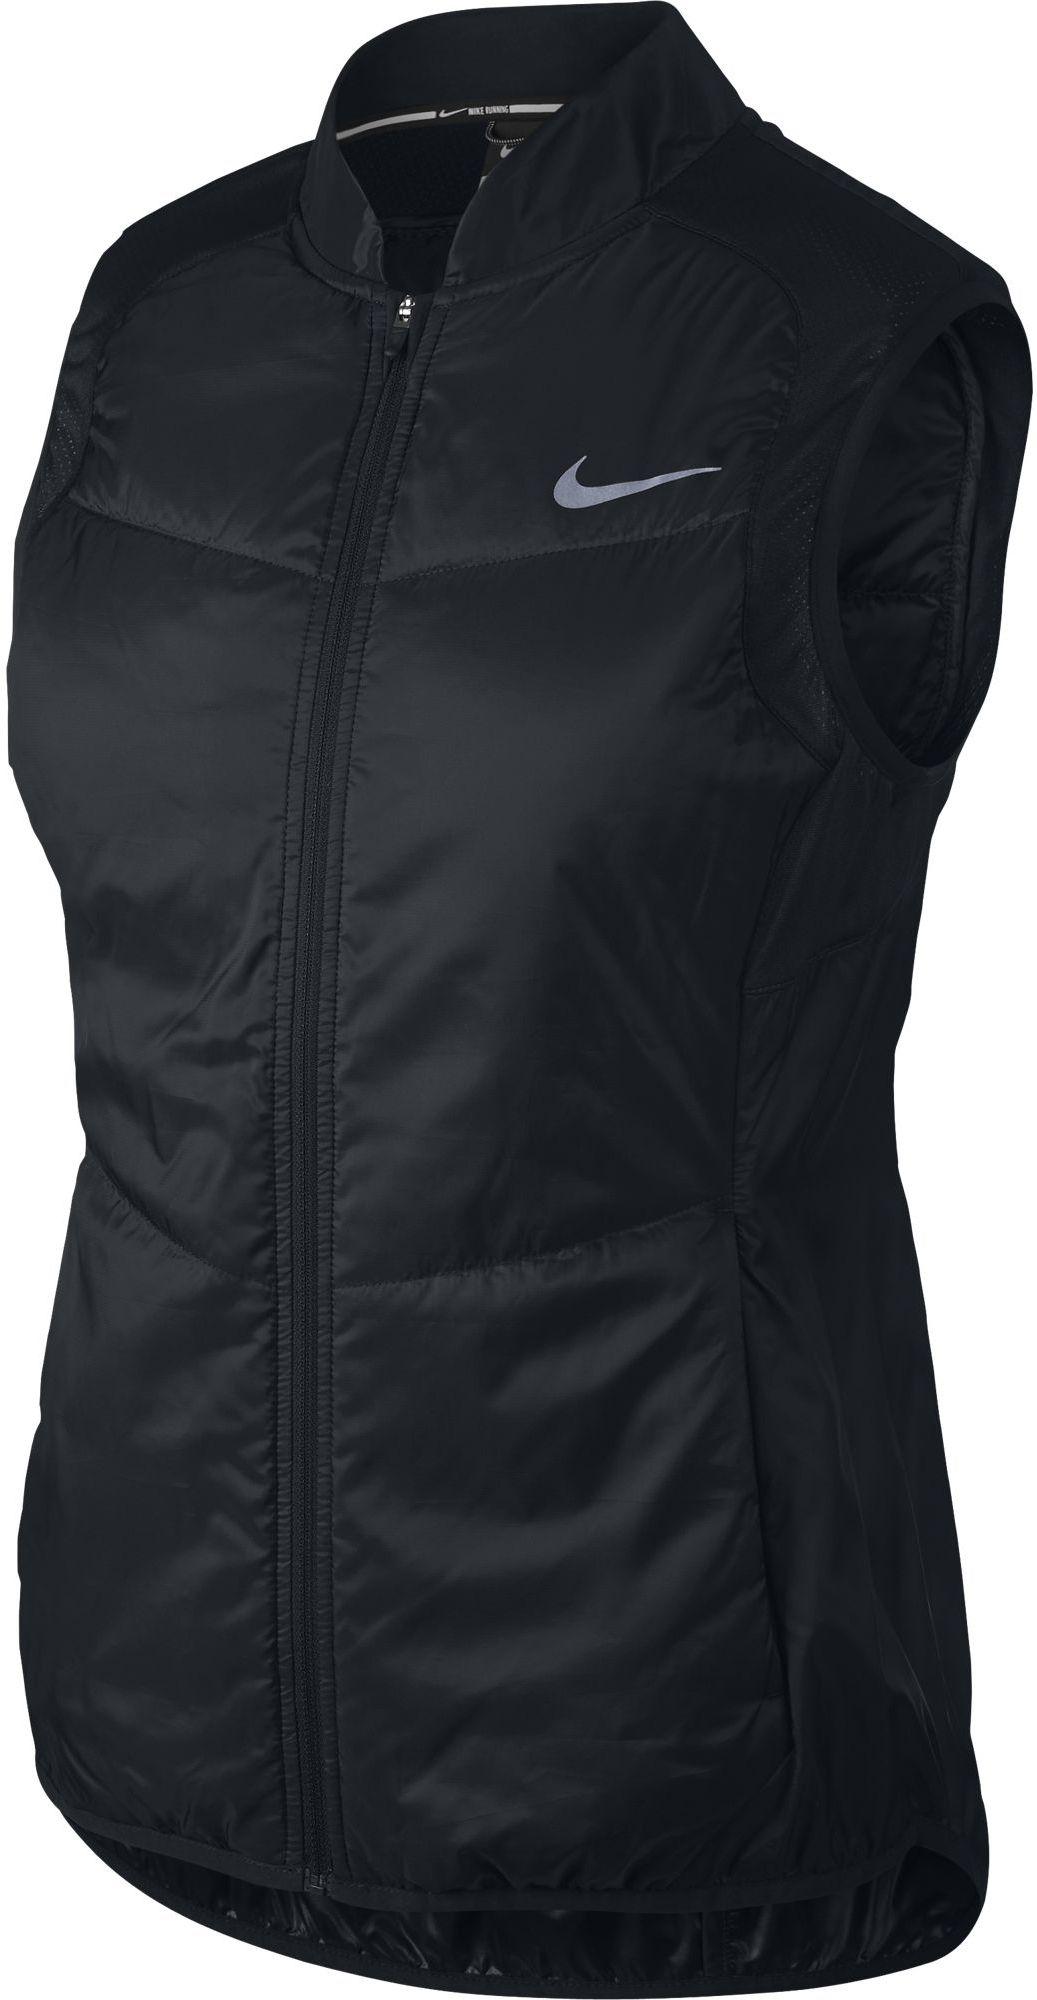 ff176010e410 nike-689256-010-women-s-nike-polyfill-running-vest 3.jpg